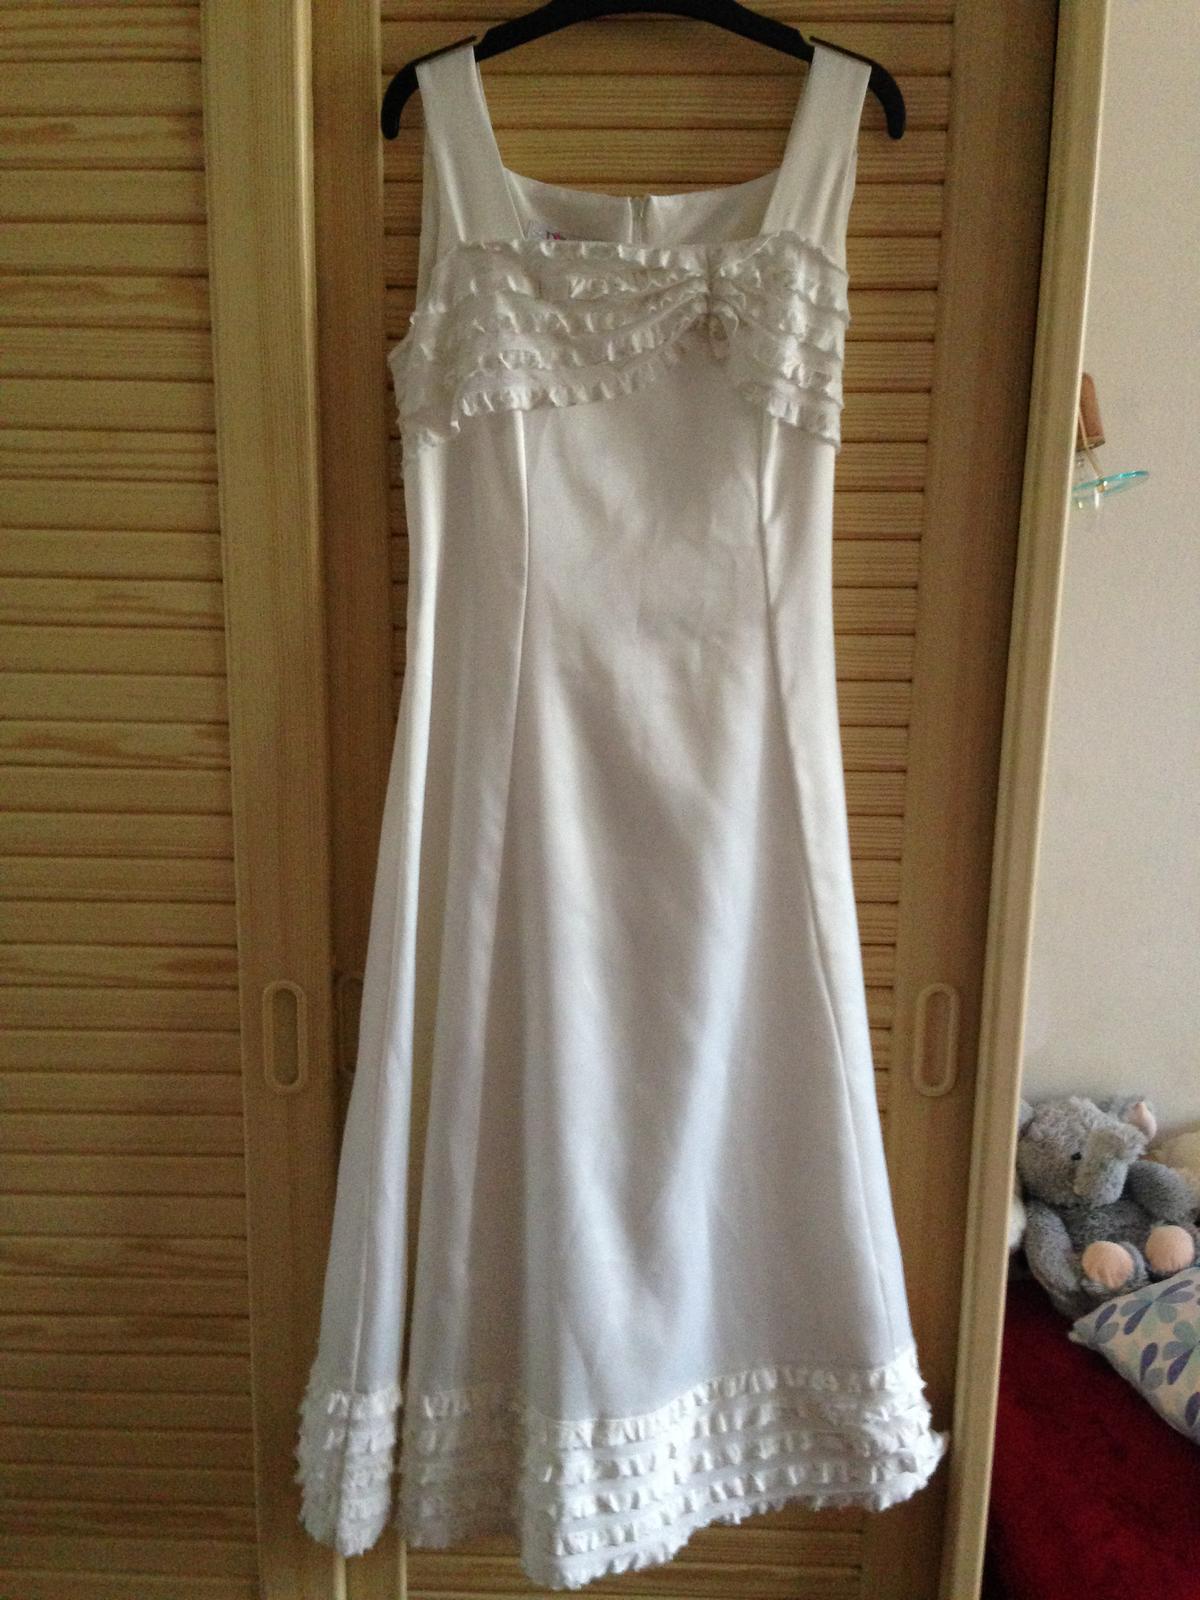 SLEVA!! Bílé krémové dívčí šaty vel.152 - Obrázek č. 1